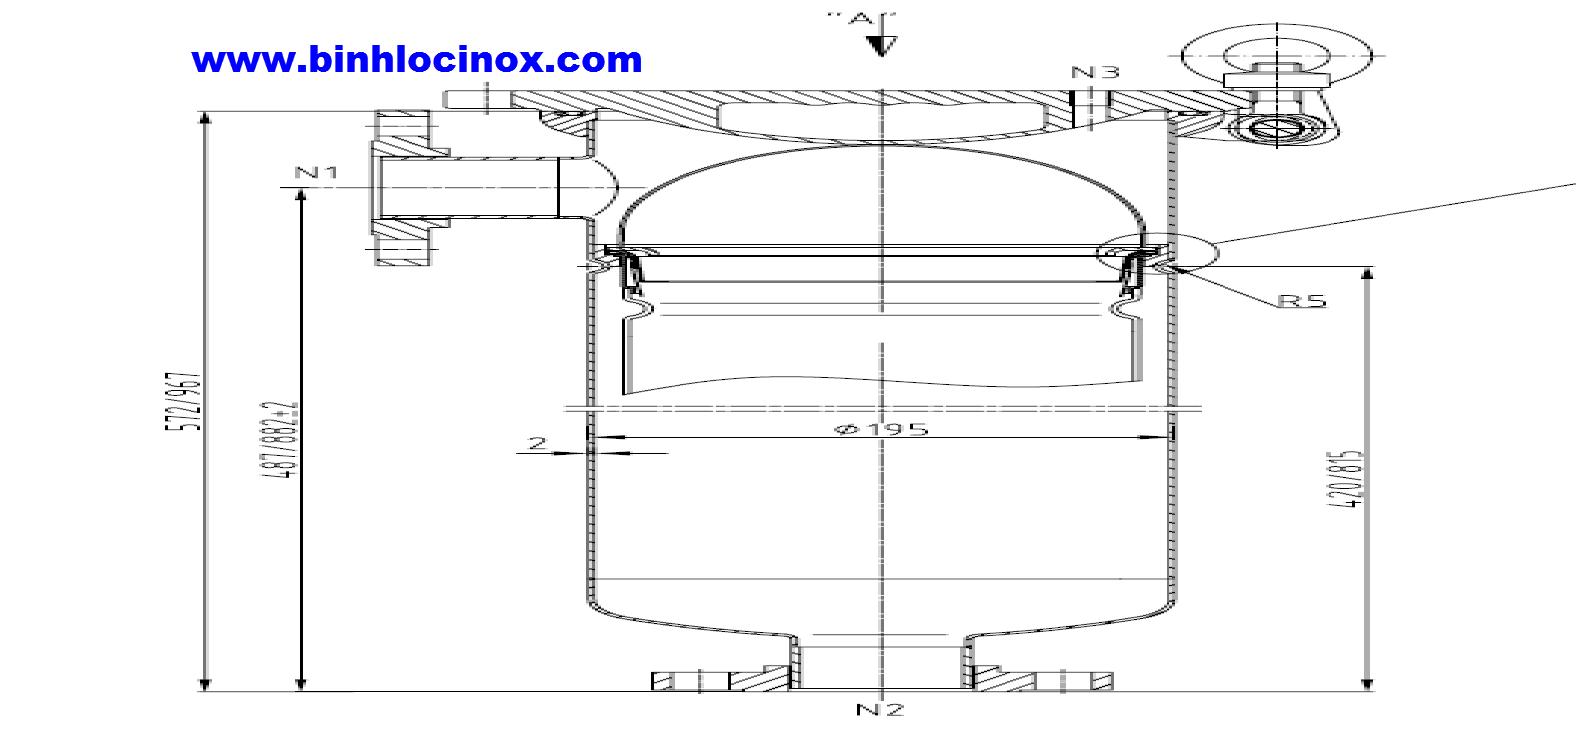 hình ảnh cấu tạo bình lọc túi